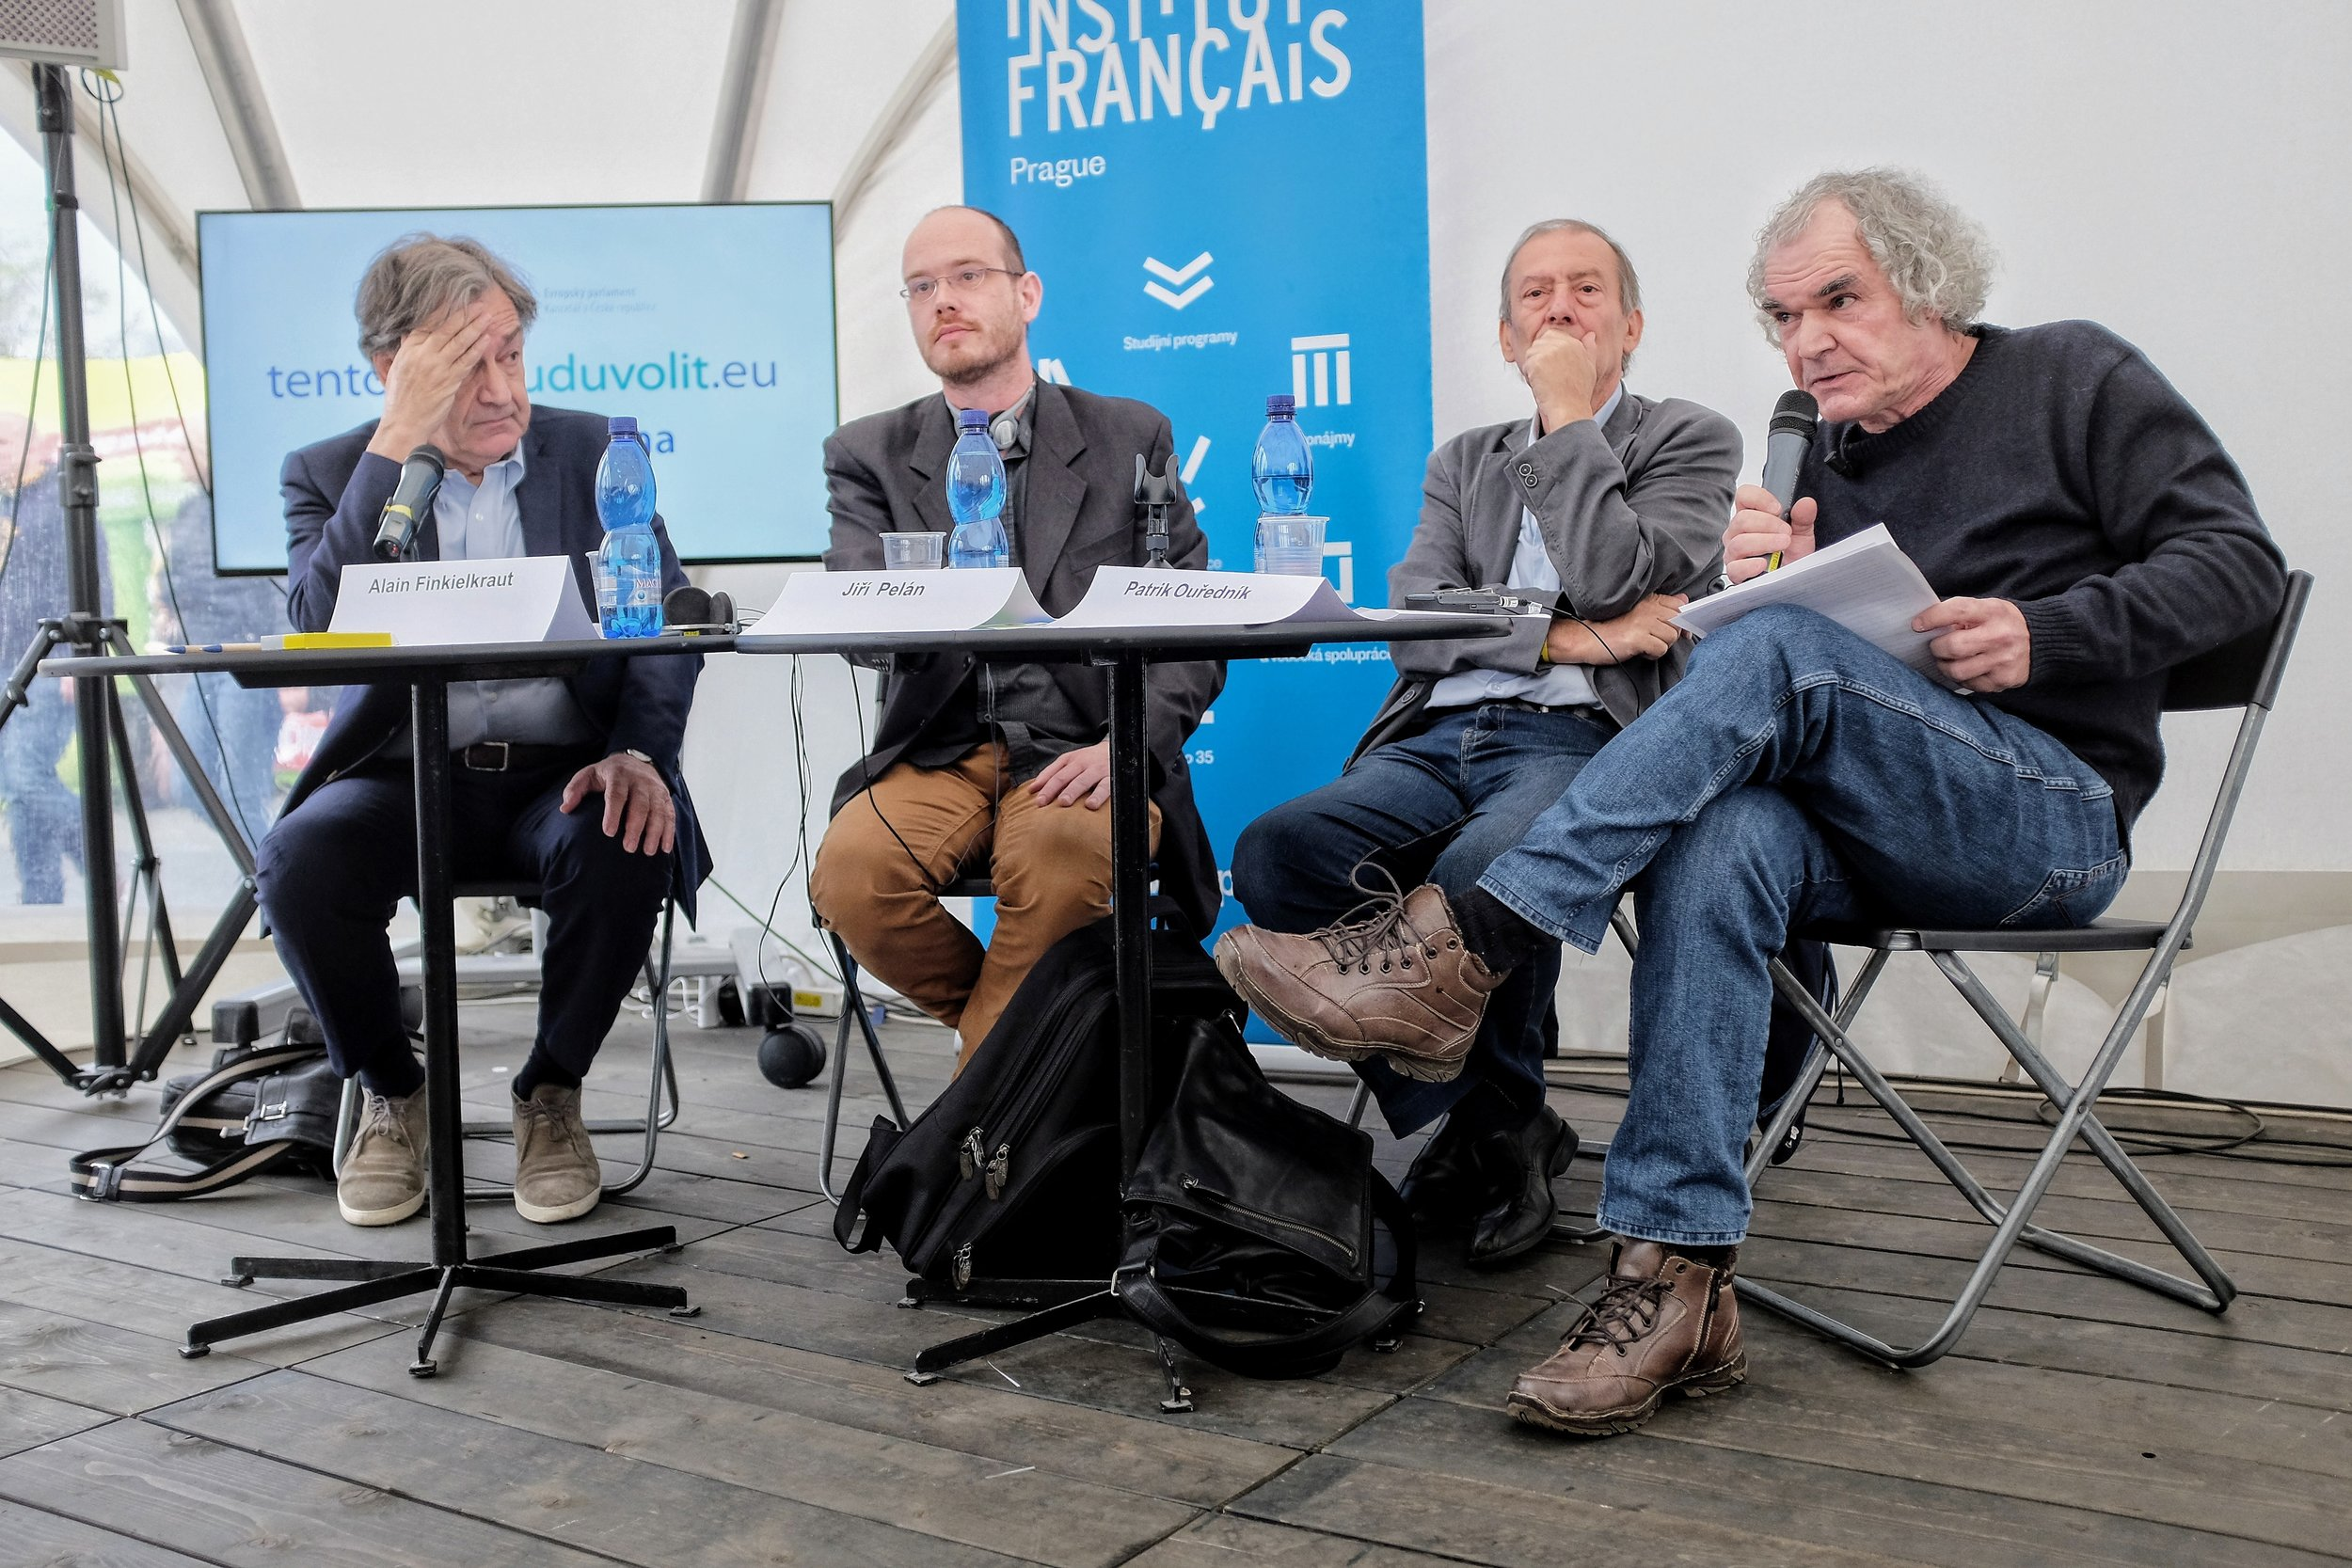 AF, Guillaume Basset, Jiří Pelán, Patrik Ouředník